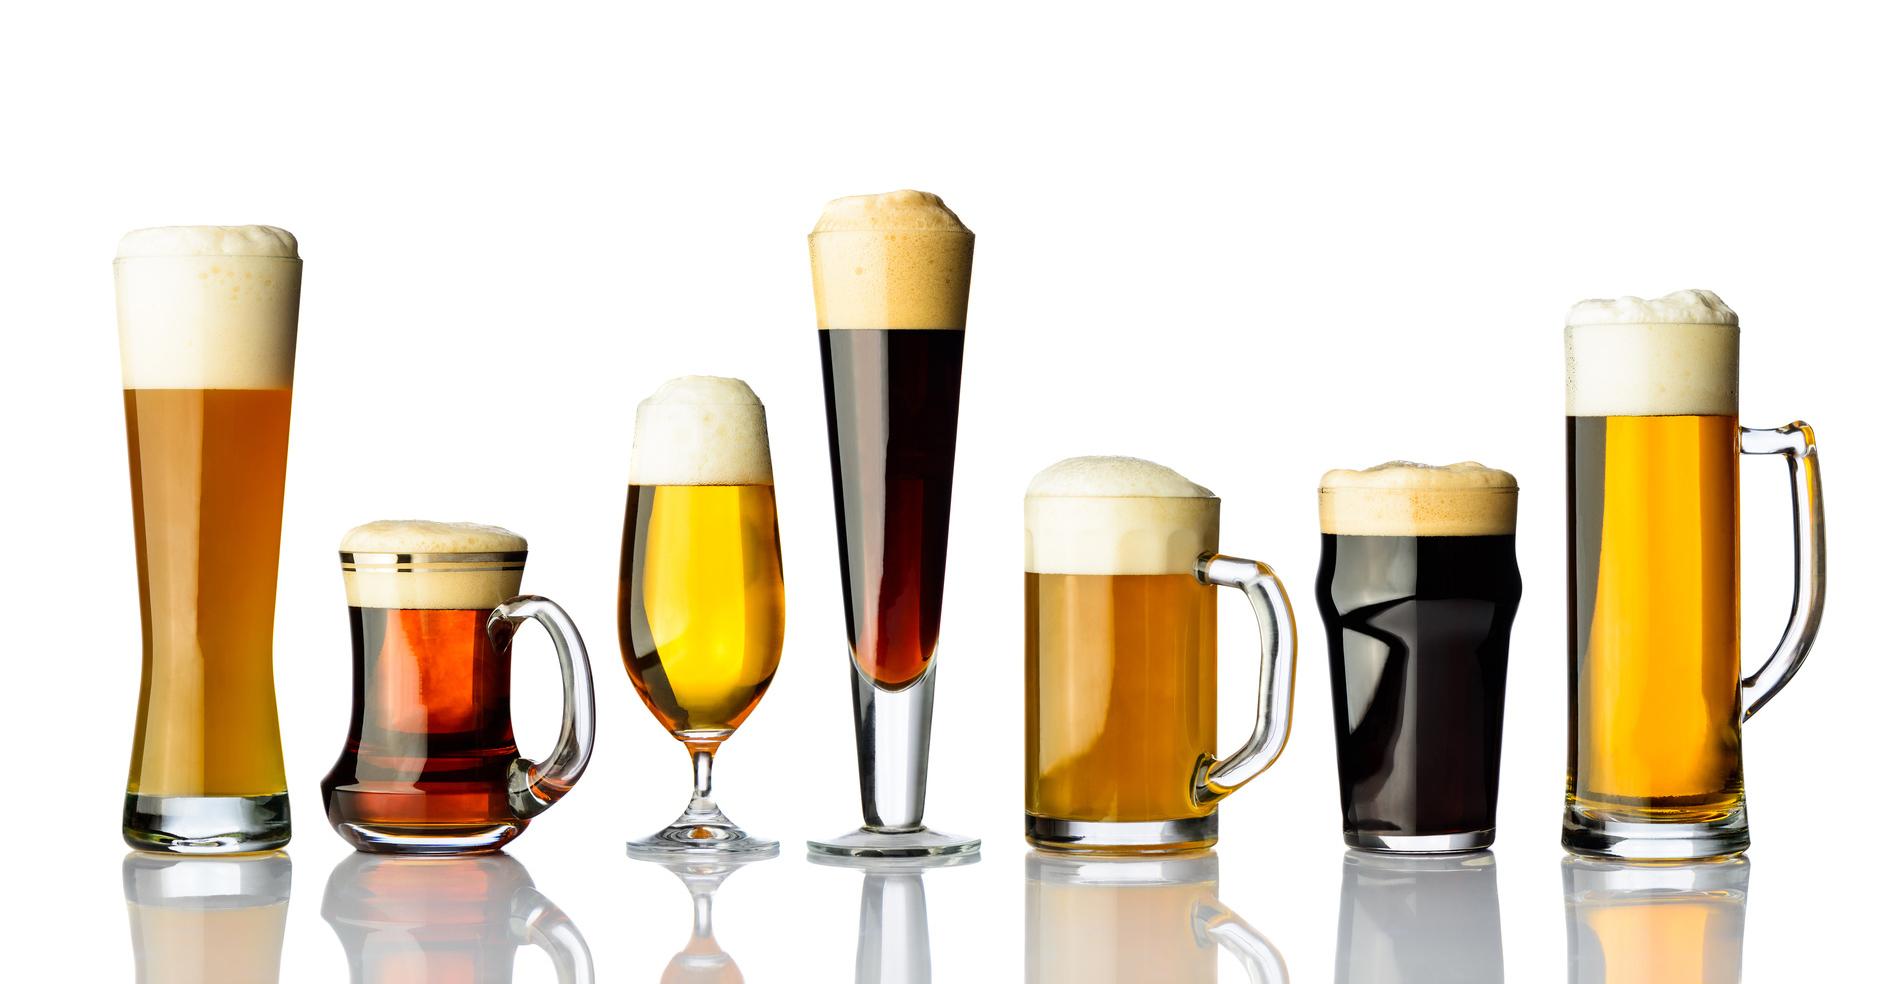 Birra 12 05 17